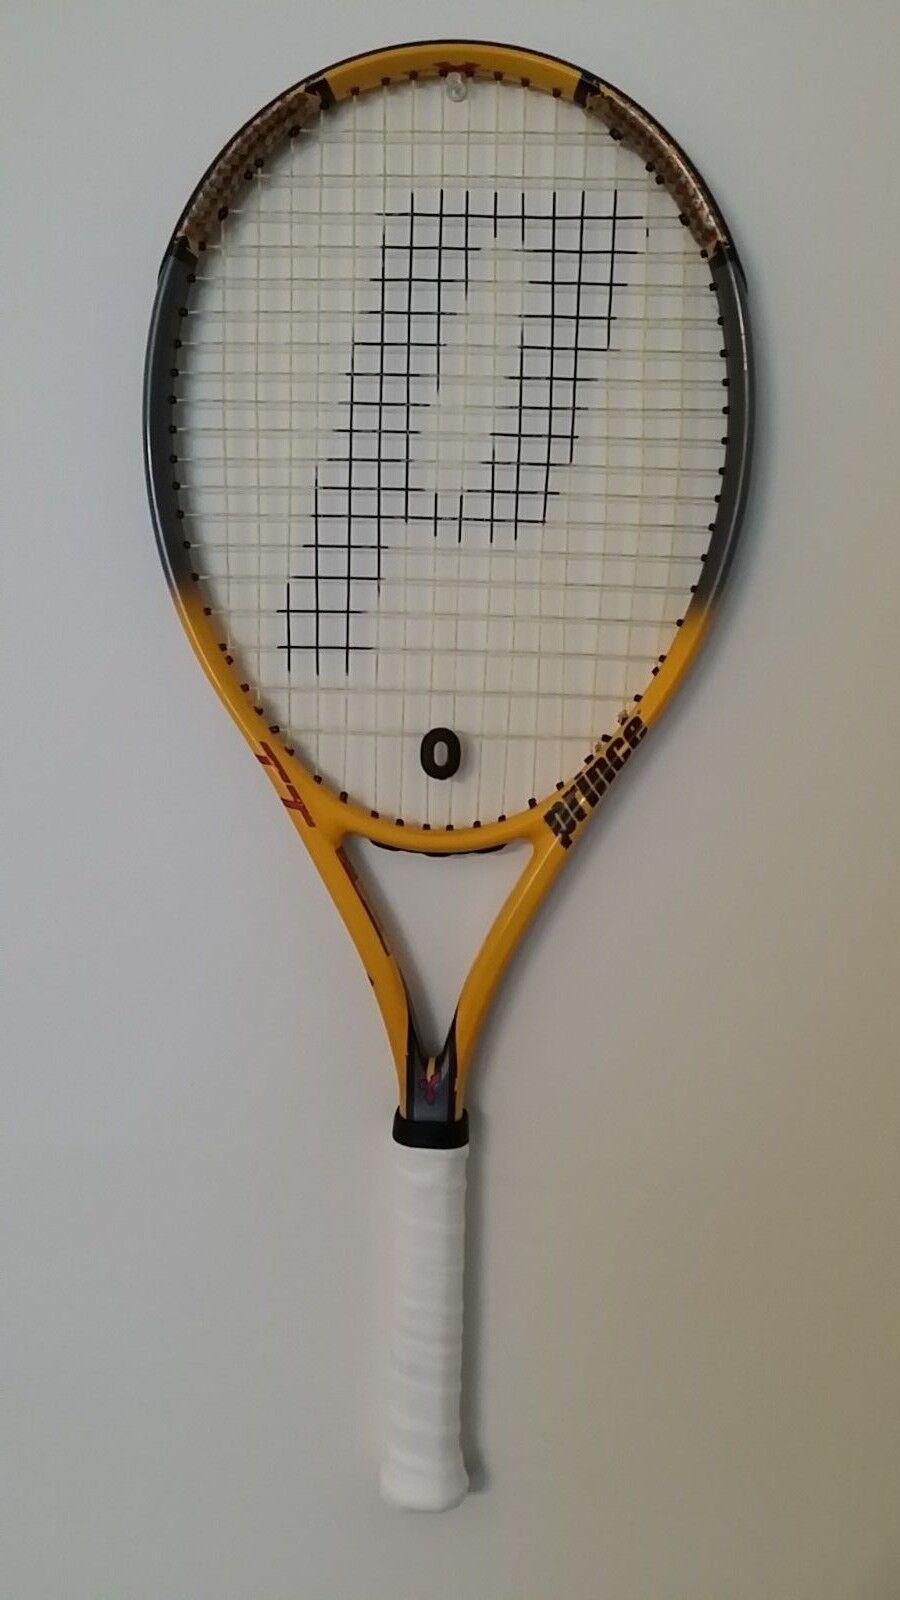 El príncipe TT grito os triple amenaza tenis raqueta 4 1 4